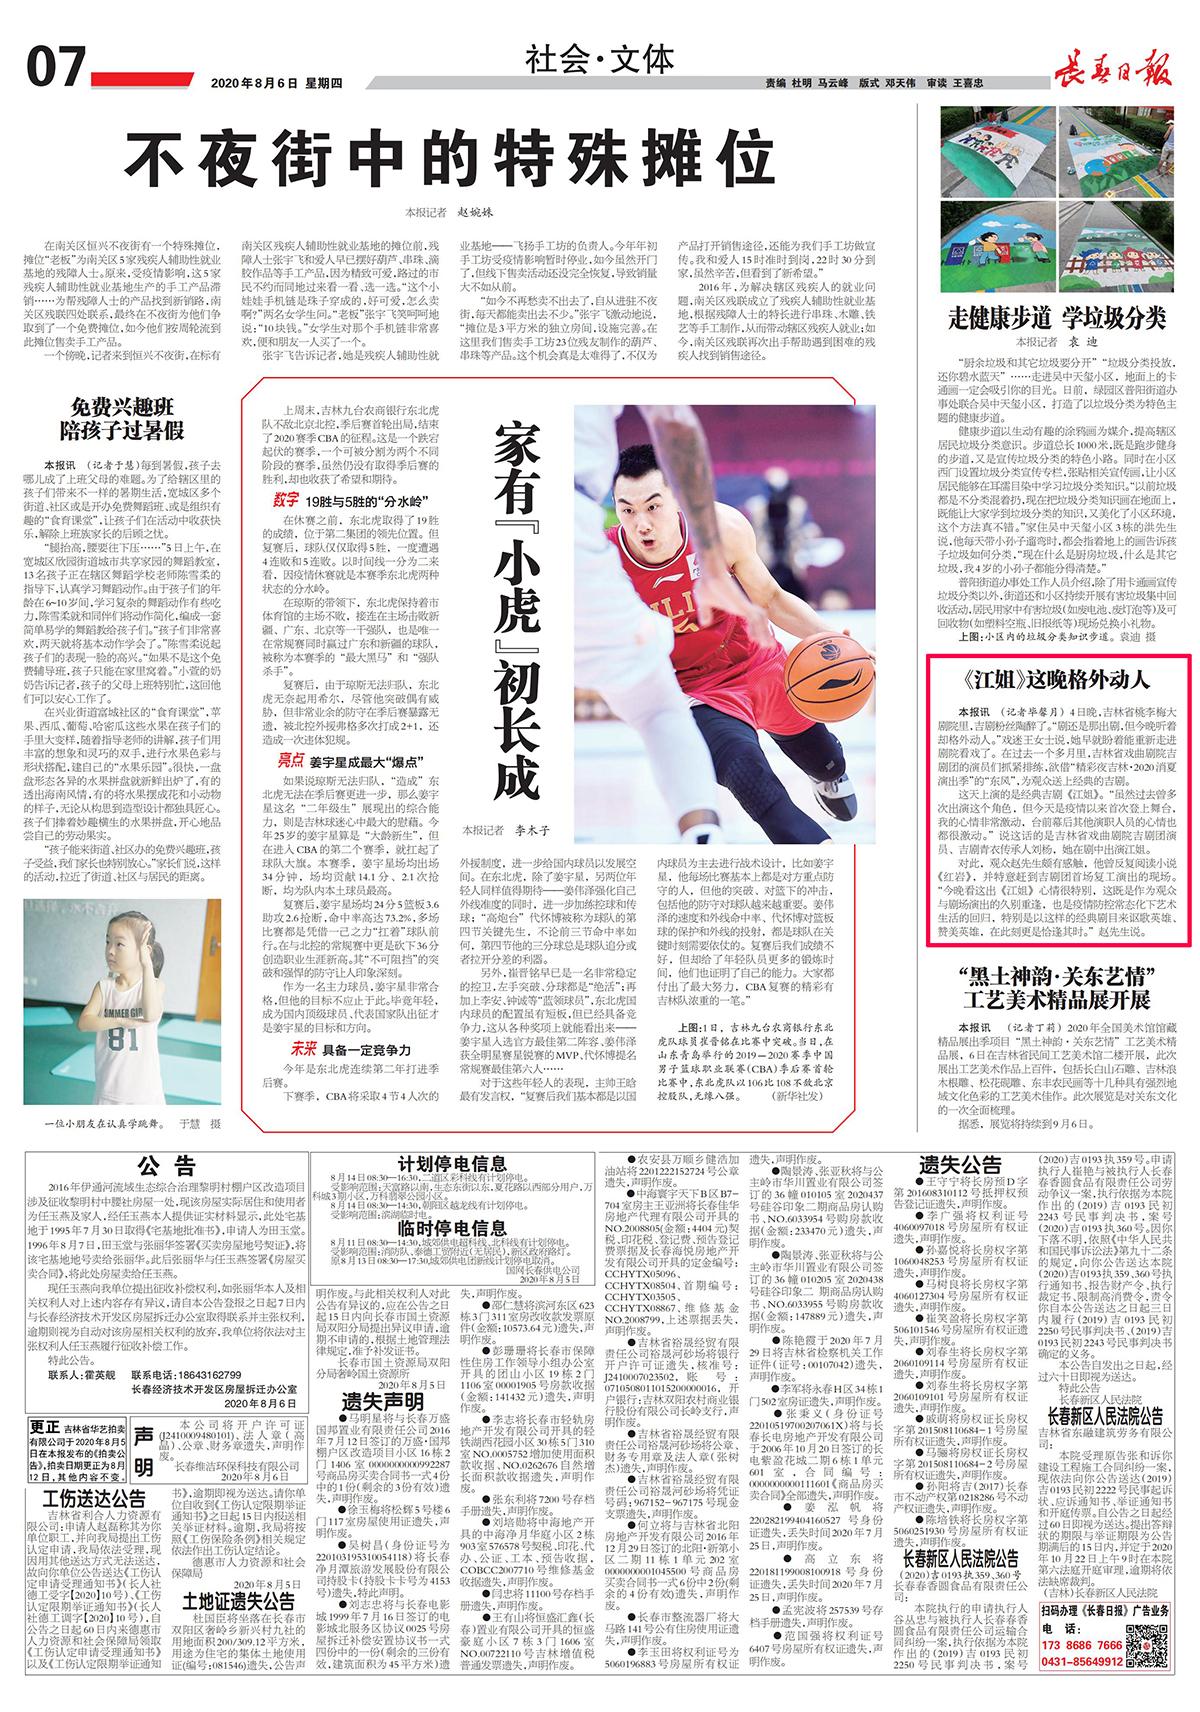 8月6日 长春日报 《江姐》这晚格外动人